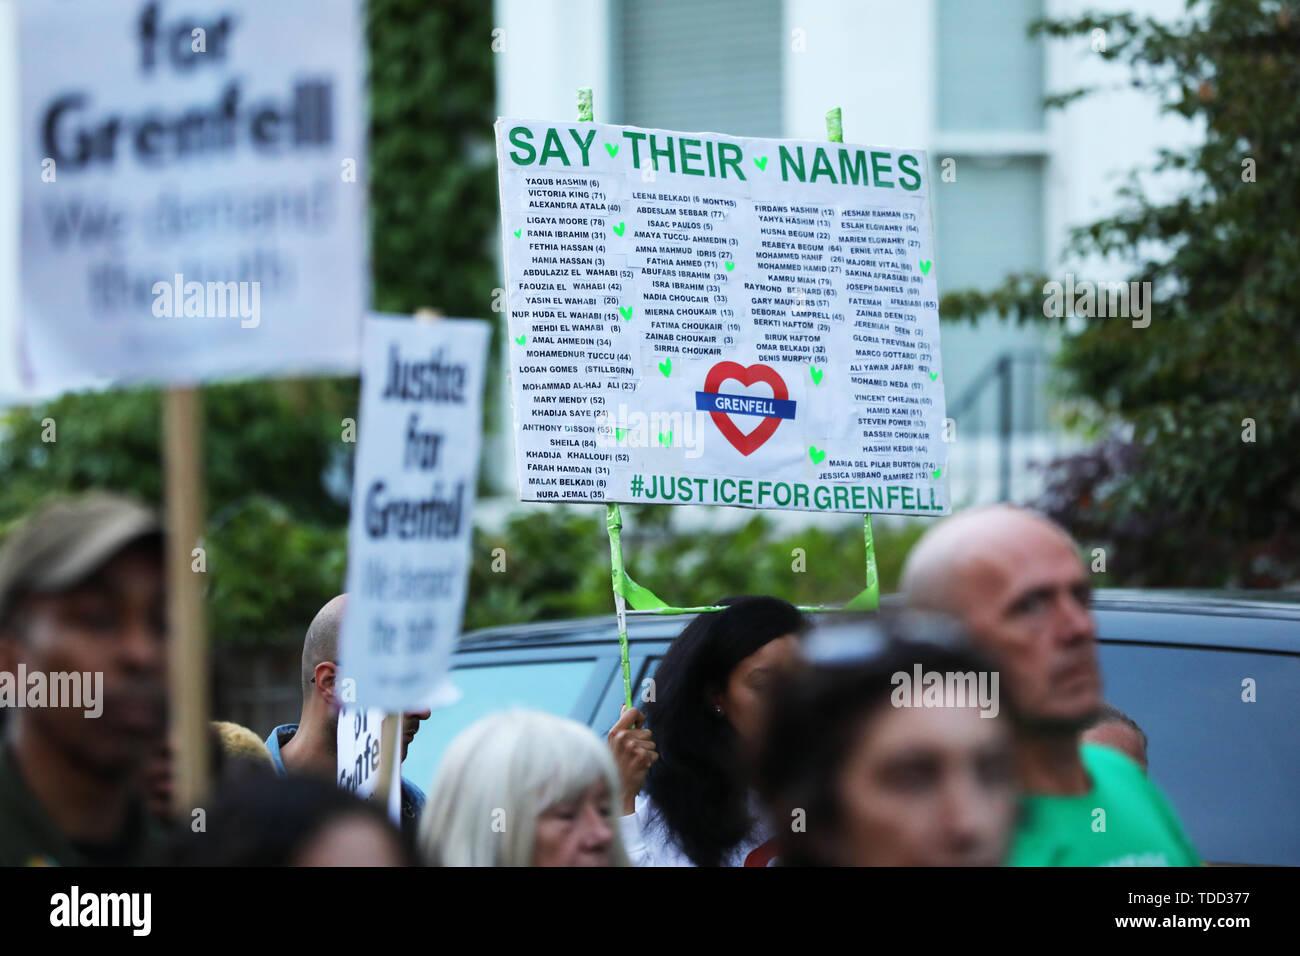 Eine Liste mit den Namen der 72 Menschen, die ihr Leben in der Grenfell Hochhaus Feuer auf ein Zeichen verloren, außerhalb Grenfell Tower, London, während ein stiller Spaziergang zum zweijährigen Jubiläum. Stockbild